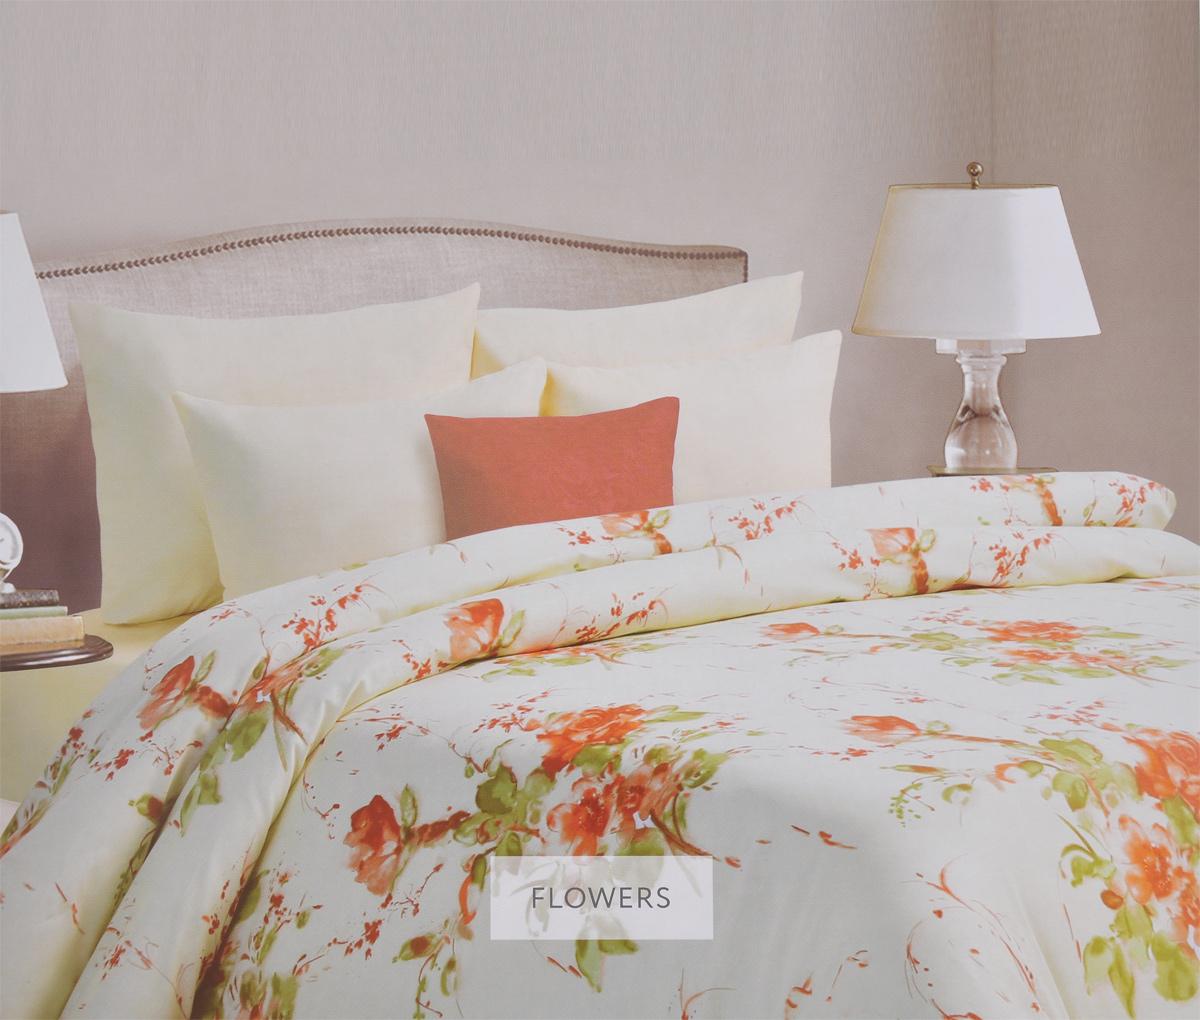 Комплект белья Mona Liza Flowers, семейный, наволочки 70х70, цвет: бежевый, светло-зеленый. 562405/6562405/6Комплект белья Mona Liza Flowers, выполненный из батиста (100% хлопок), состоит из двух пододеяльников, простыни и двух наволочек. Изделия оформлены красивым цветочным рисунком. Батист - тонкая, легкая, полупрозрачная натуральная ткань полотняного переплетения. Батист, несомненно, является одной из самых аристократичных и совершенных тканей. Он отличается нежностью, трепетной утонченностью и изысканностью. Ткань с незначительной сминаемостью, хорошо сохраняющая цвет при стирке, легкая, с прекрасными гигиеническими показателями. В комплект входит: Пододеяльник - 2 шт. Размер: 145 см х 210 см. Простыня - 1 шт. Размер: 215 см х 240 см. Наволочка - 2 шт. Размер: 70 см х 70 см. Рекомендации по уходу: - Ручная и машинная стирка 40°С, - Гладить при температуре не более 150°С, - Не использовать хлорсодержащие средства, - Щадящая сушка, - Не подвергать химчистке. Советы по выбору постельного белья от блогера Ирины Соковых. Статья OZON Гид